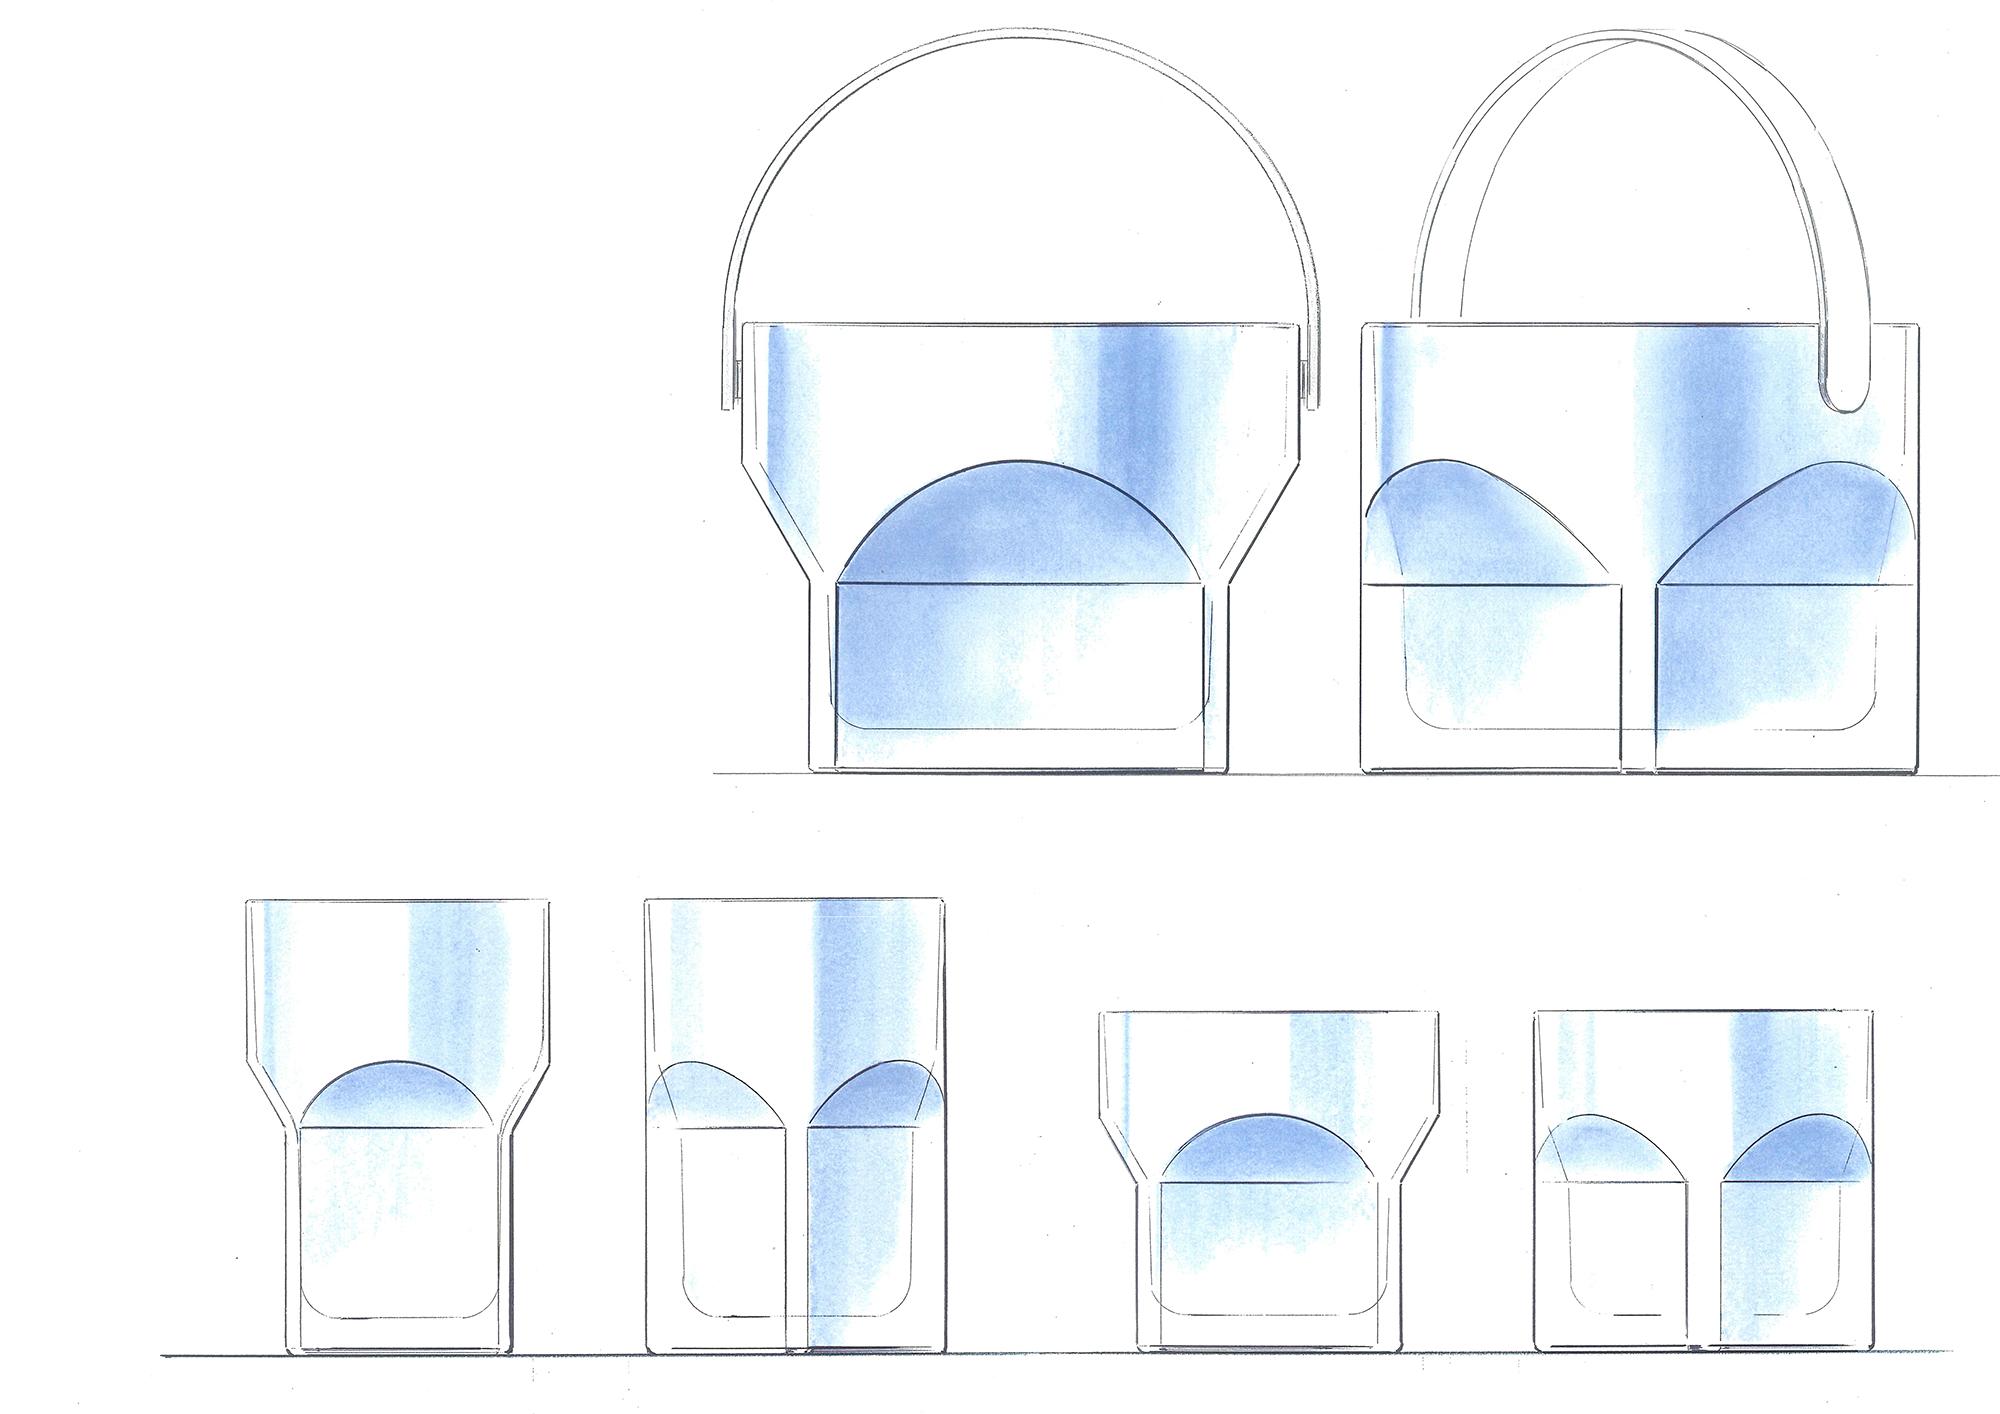 プロダクト・デザインや家具、空間デザインなど多くの作品を手掛ける川上元美のスケッチ。